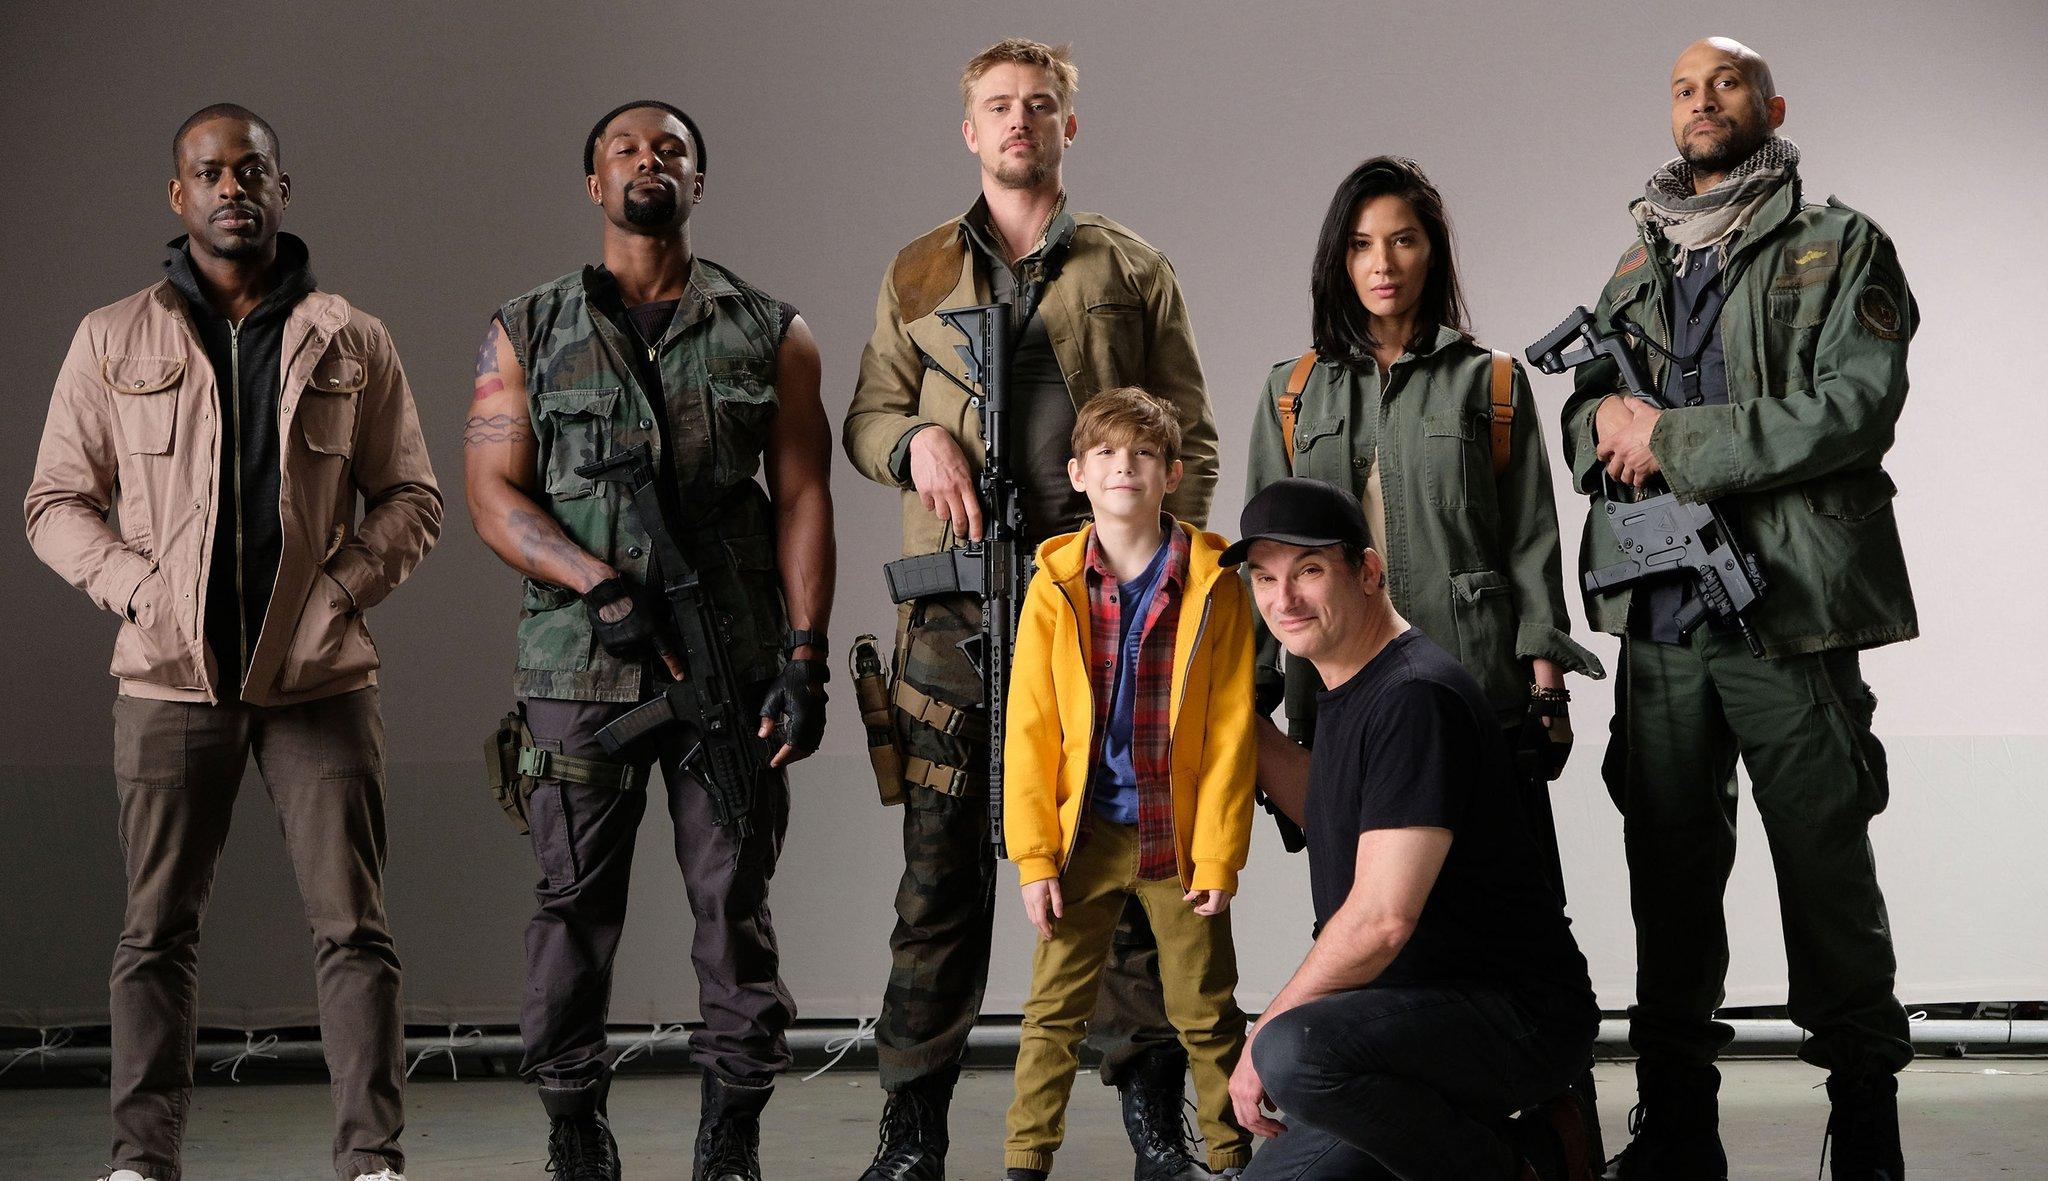 the-predator-cast-boyd-holbrook-olivia-munn.jpg